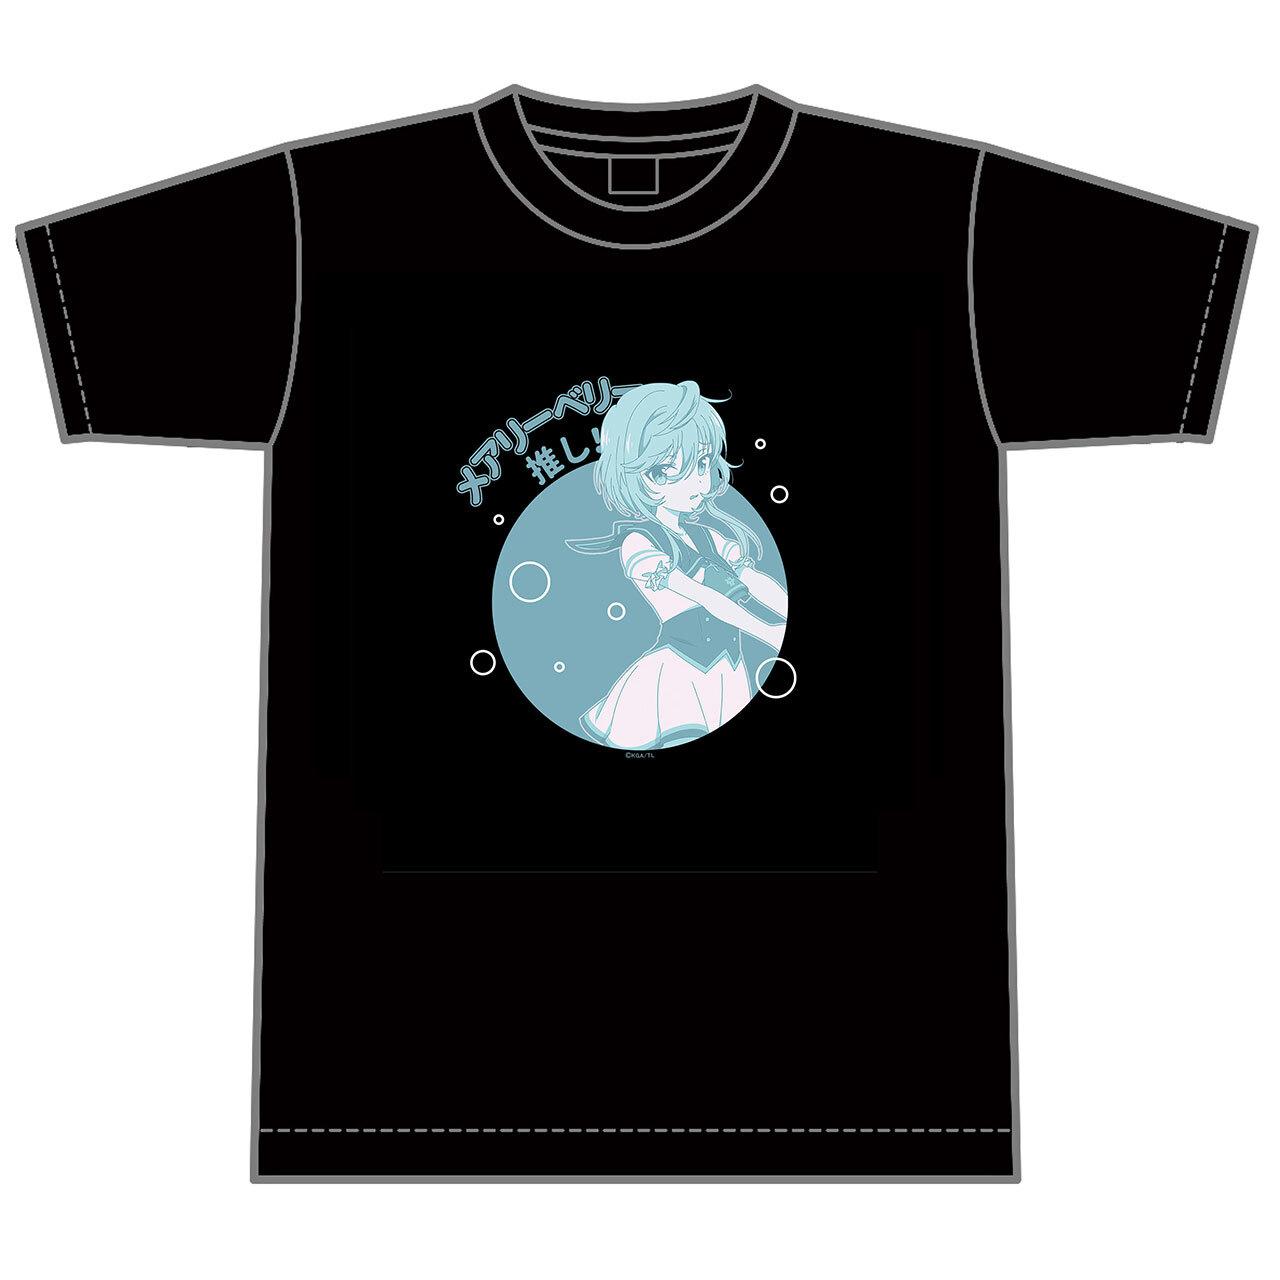 【4589839355124予】ラピスリライツ メアリーベリー 推しTシャツ/Mサイズ